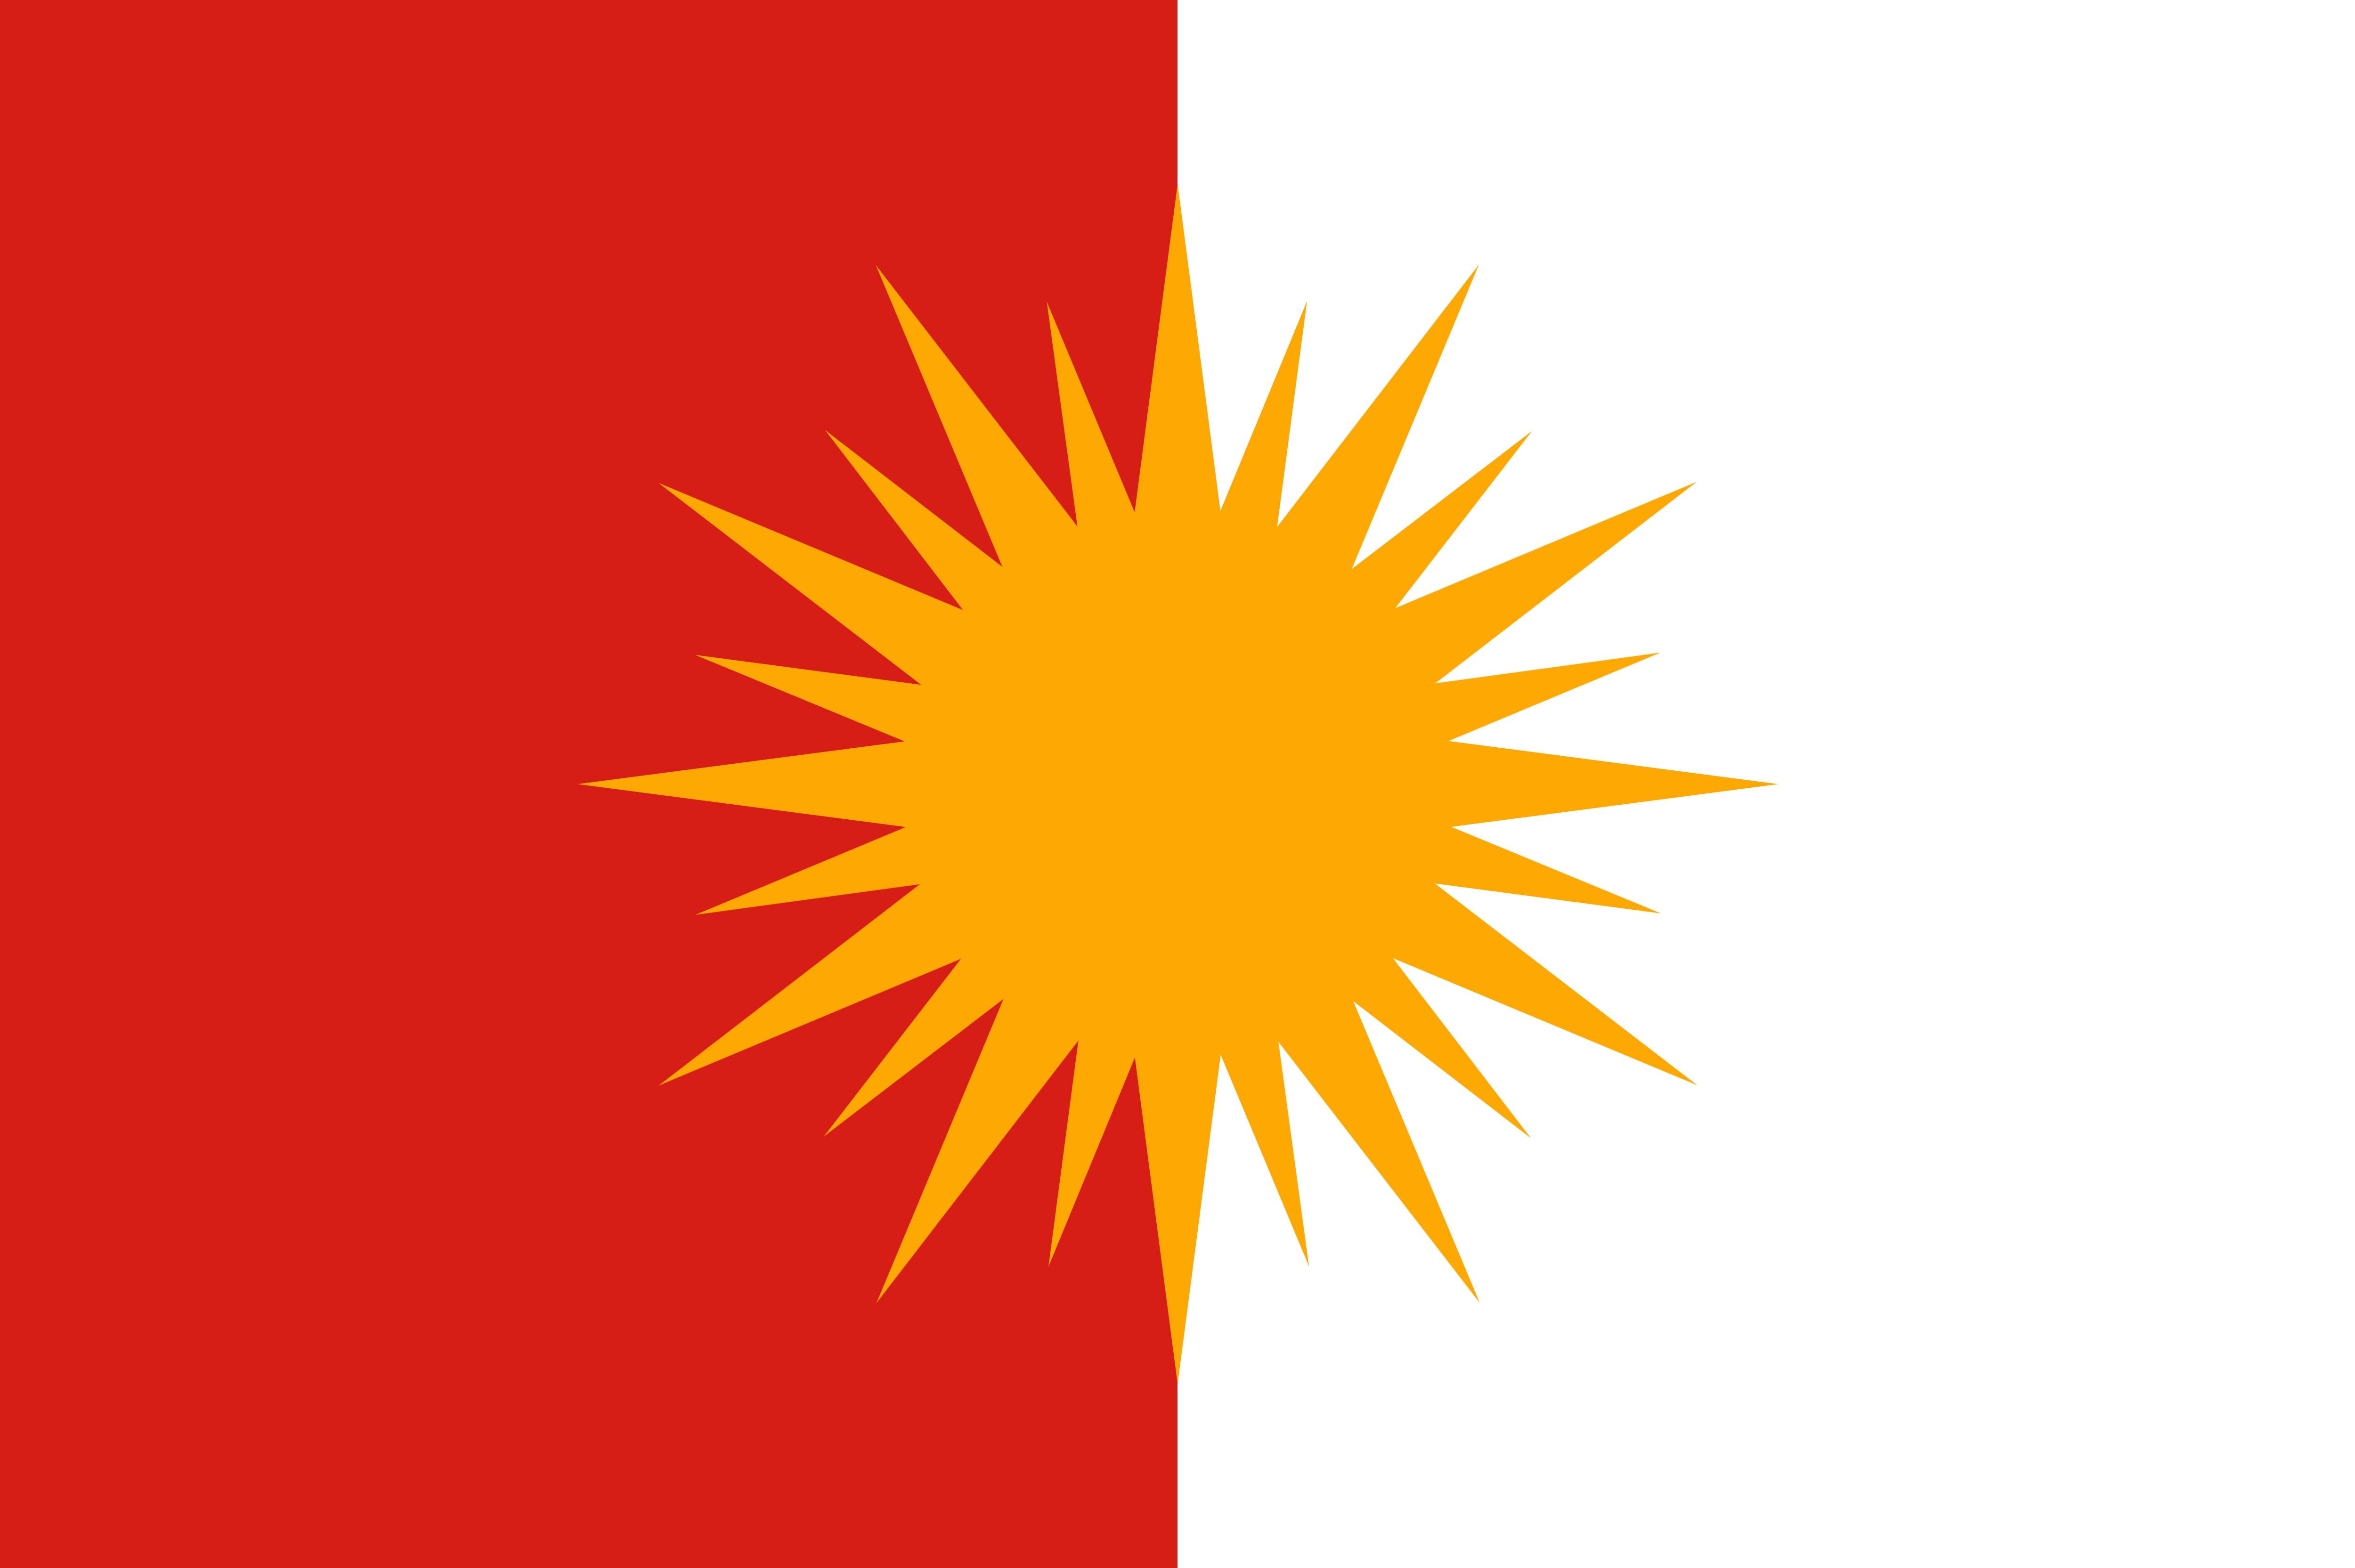 незатейливое езидский флаг фото талии